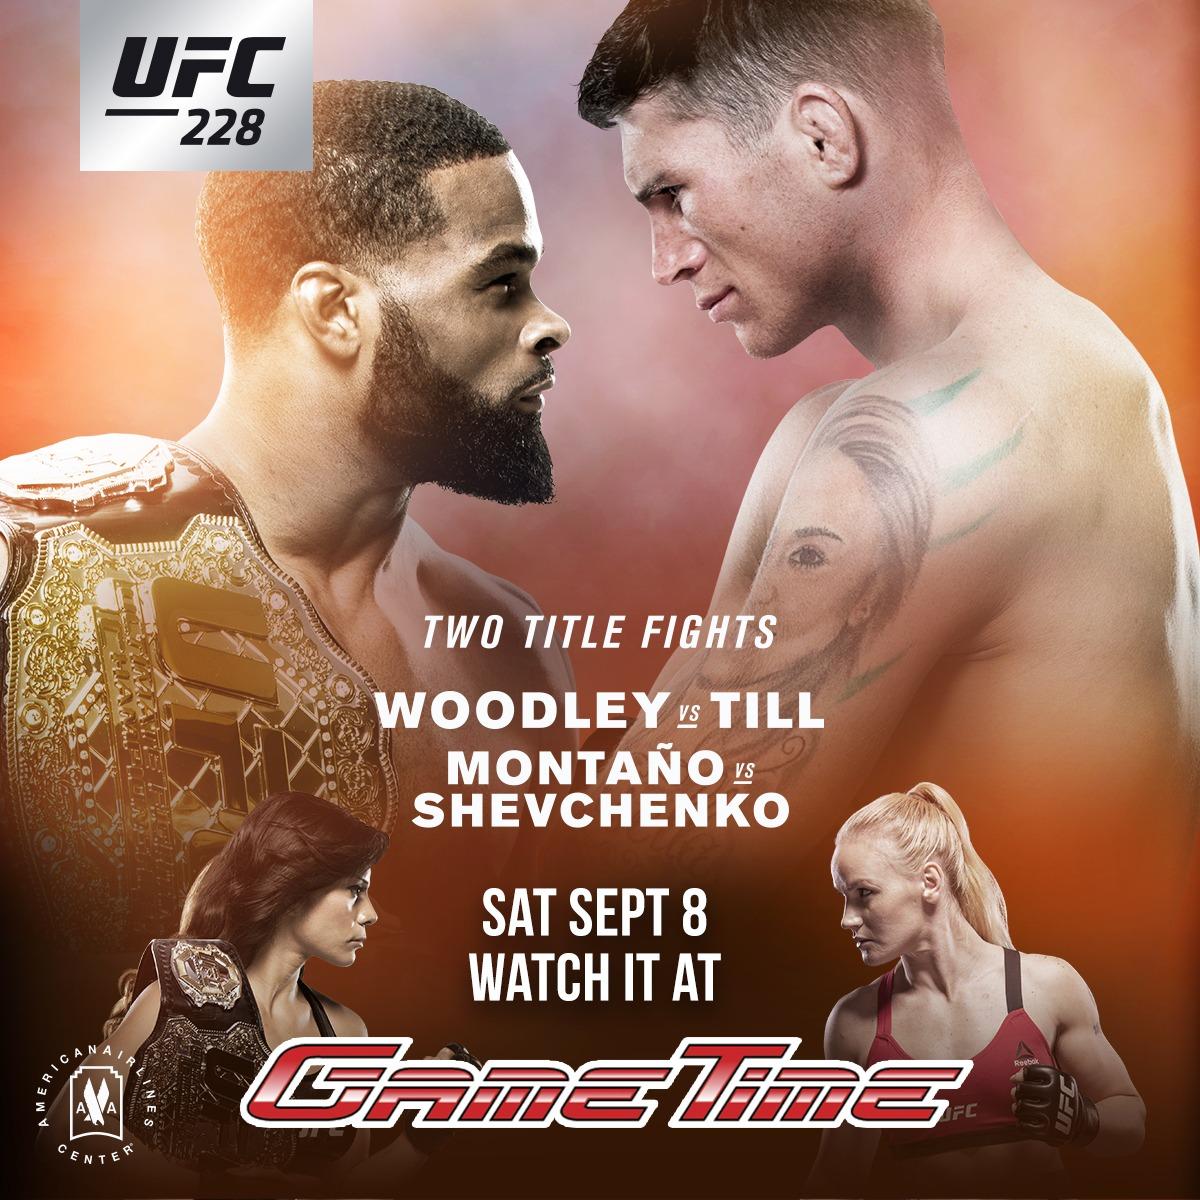 Watch-UFC-228-at-GameTime-1200x1200